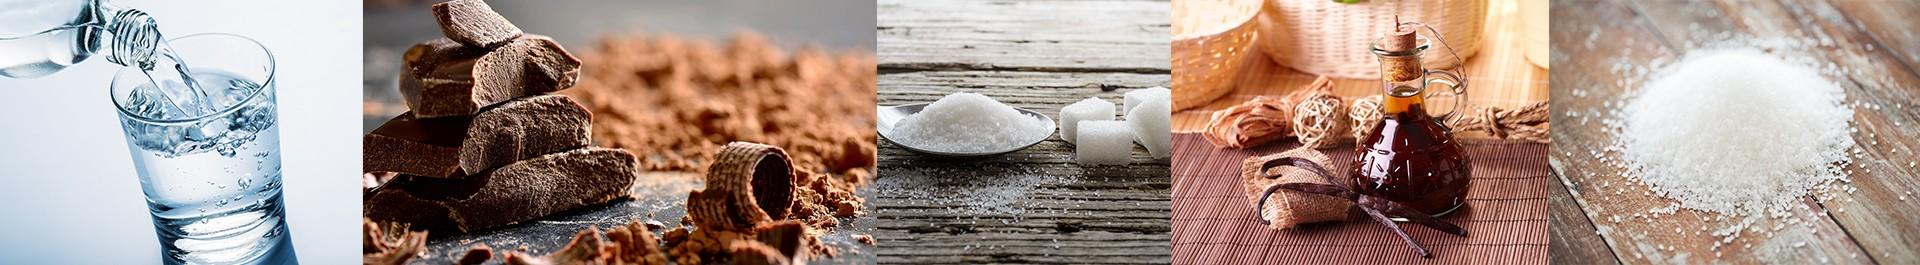 chocolate seeds ingredients